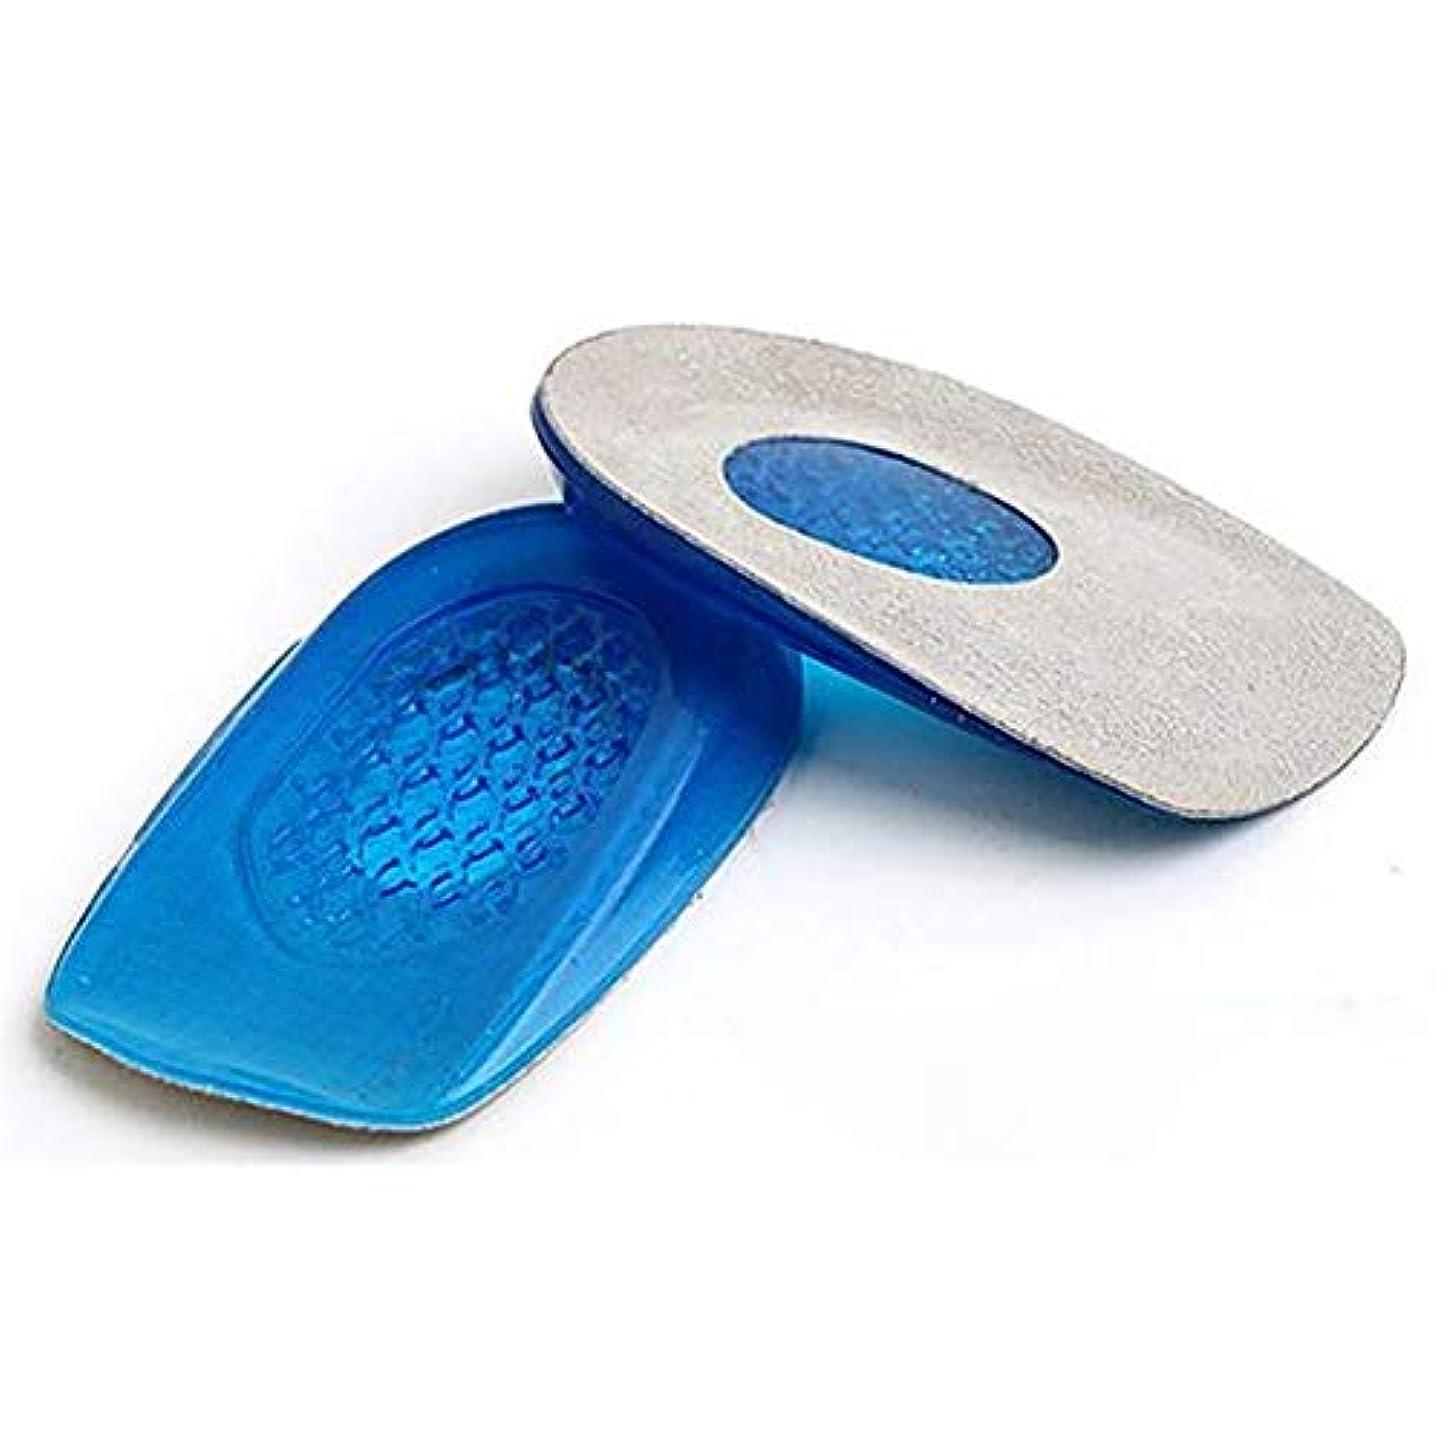 ドック象ディベート女性のシリコーンゲルパッド靴かかとクッション痛み救済挿入インソール Shangxiangtrade (Color : Blue S)